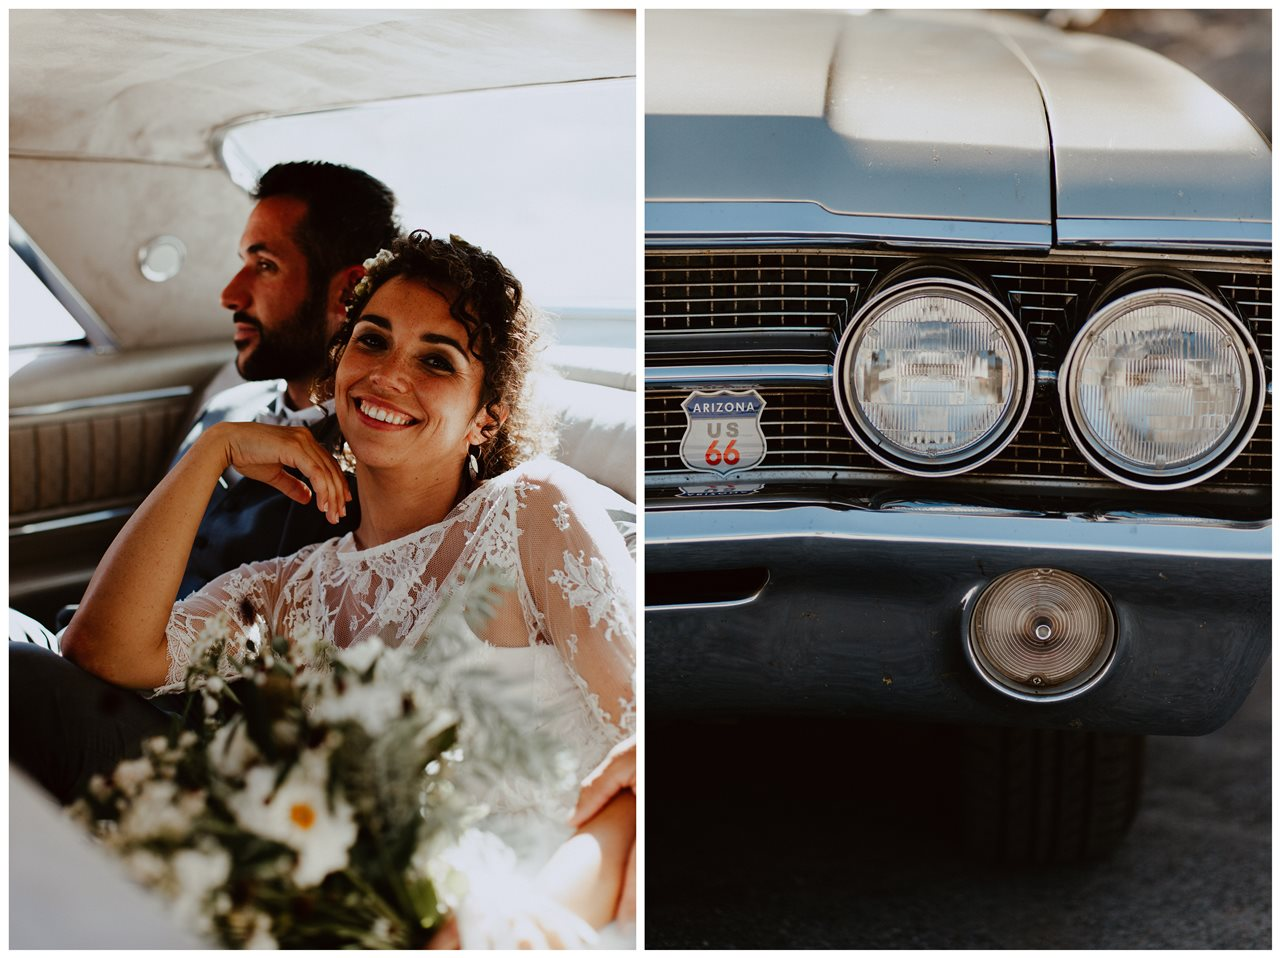 mariés dans voiture buick electra 225 détail vieille voiture